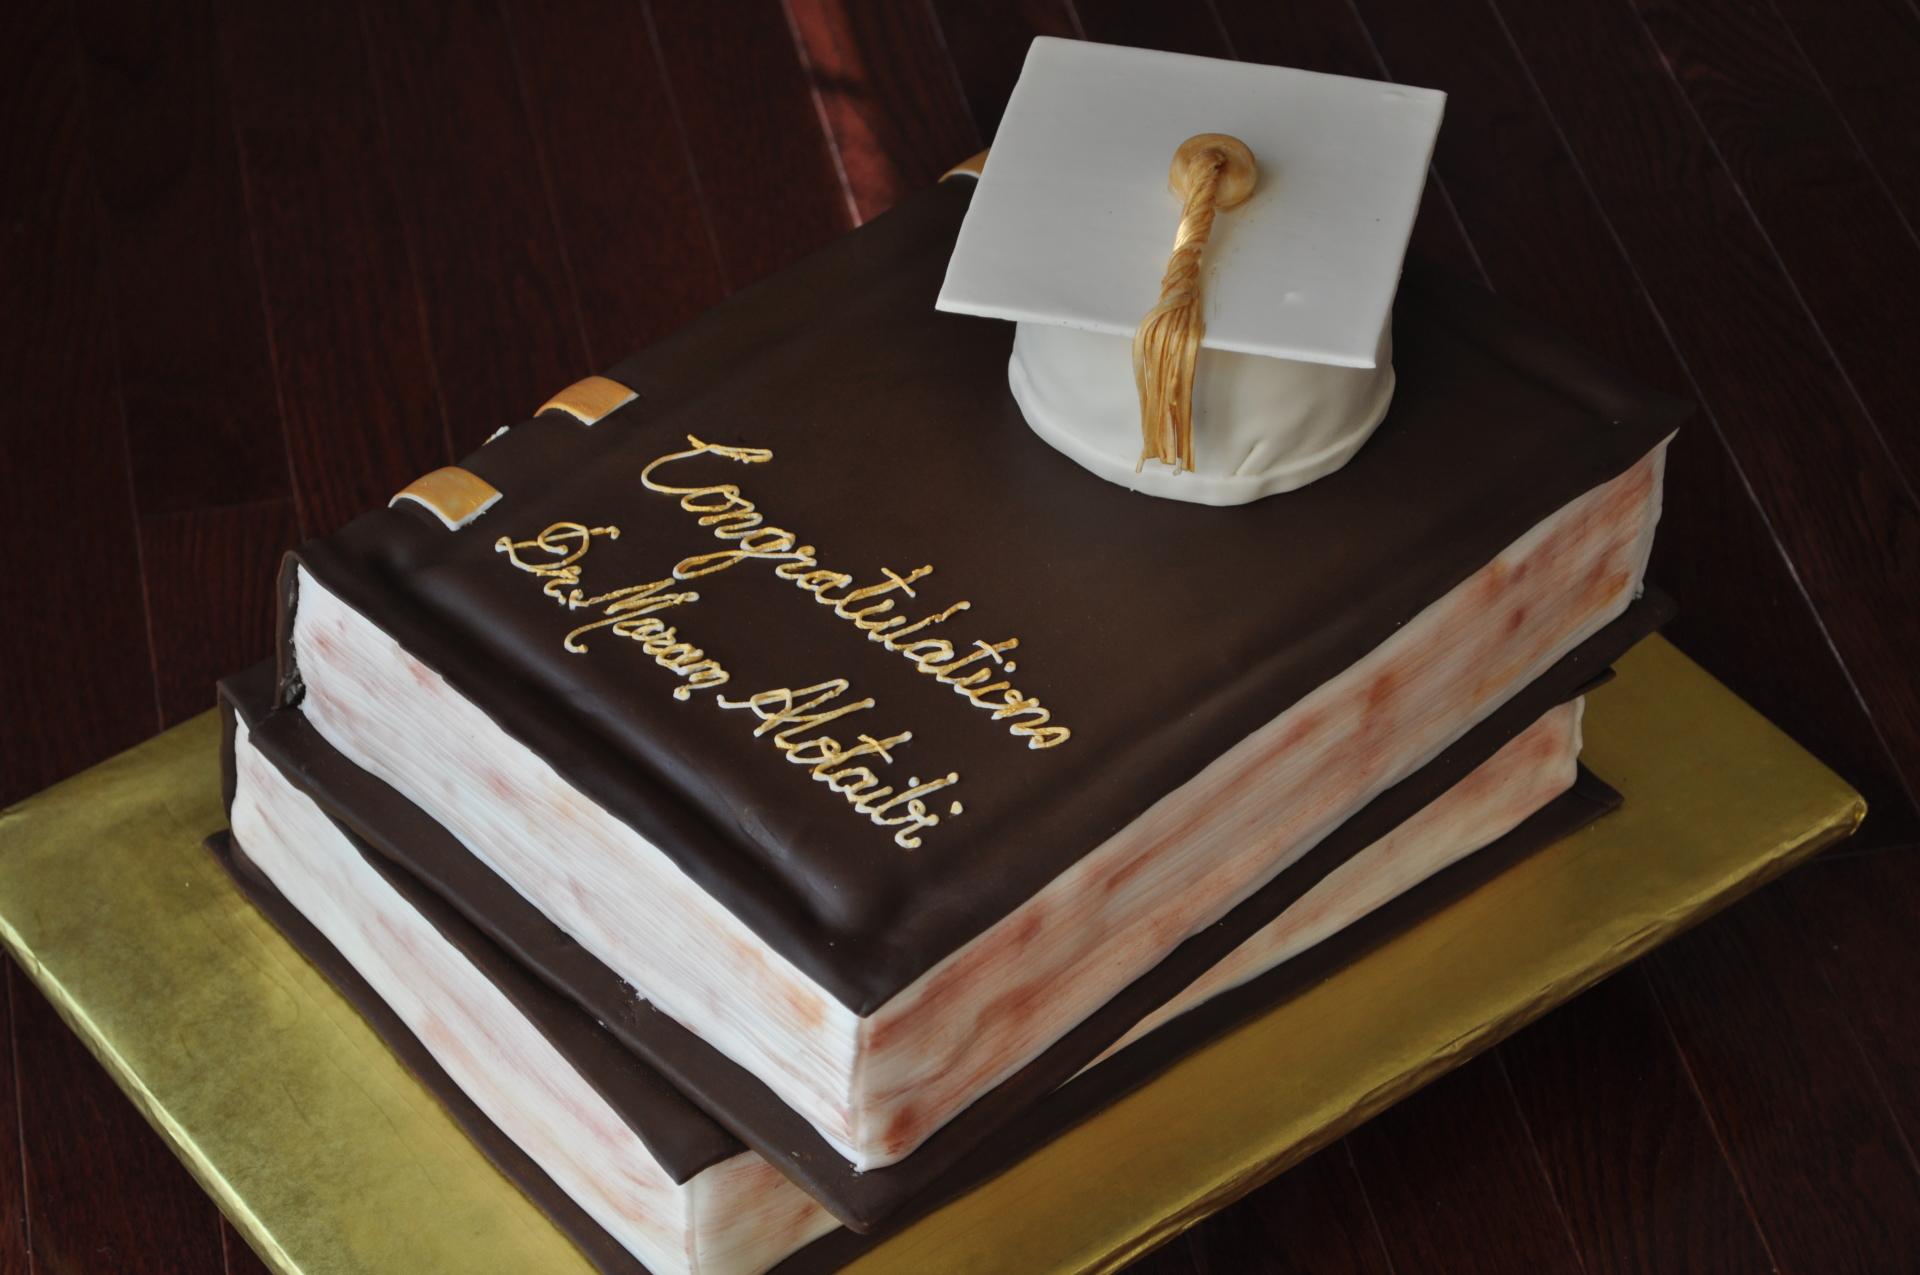 Books graduation cake,grad hat cake